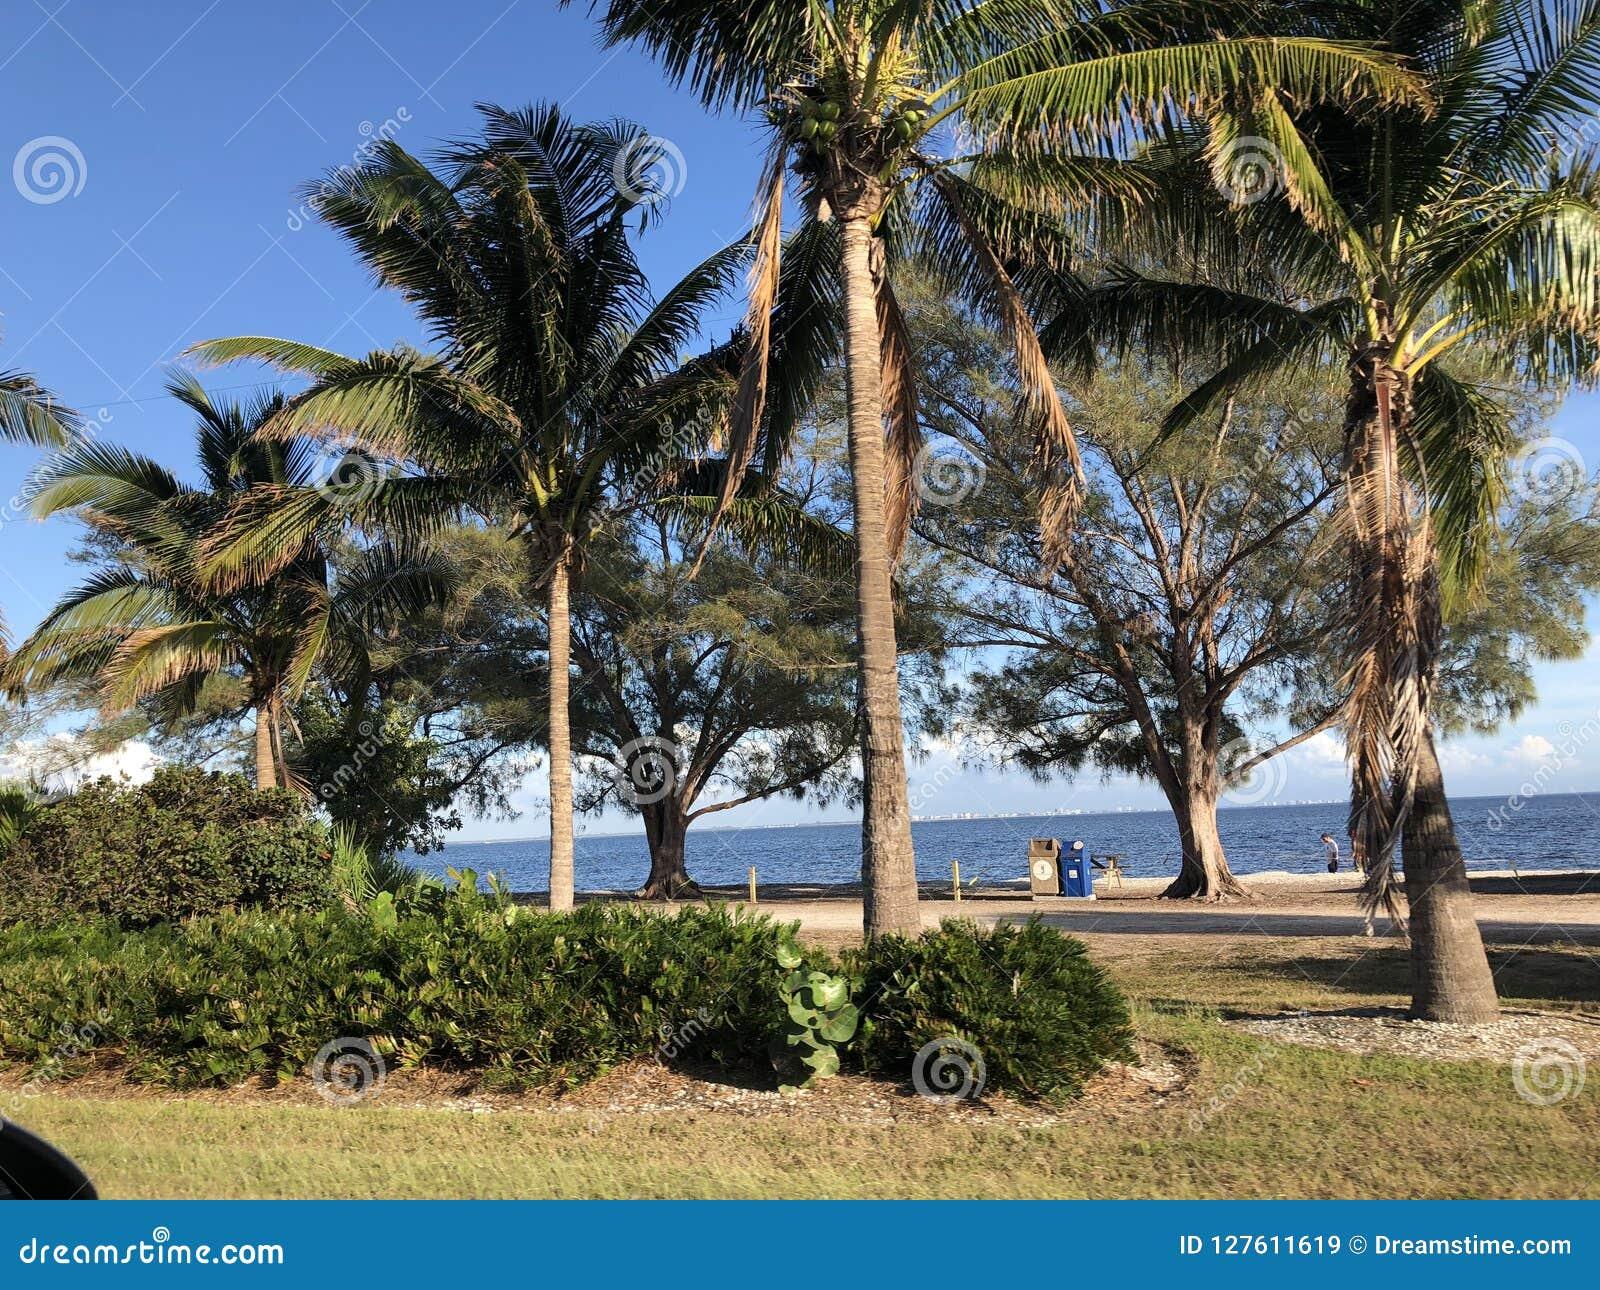 Landscape in Florida